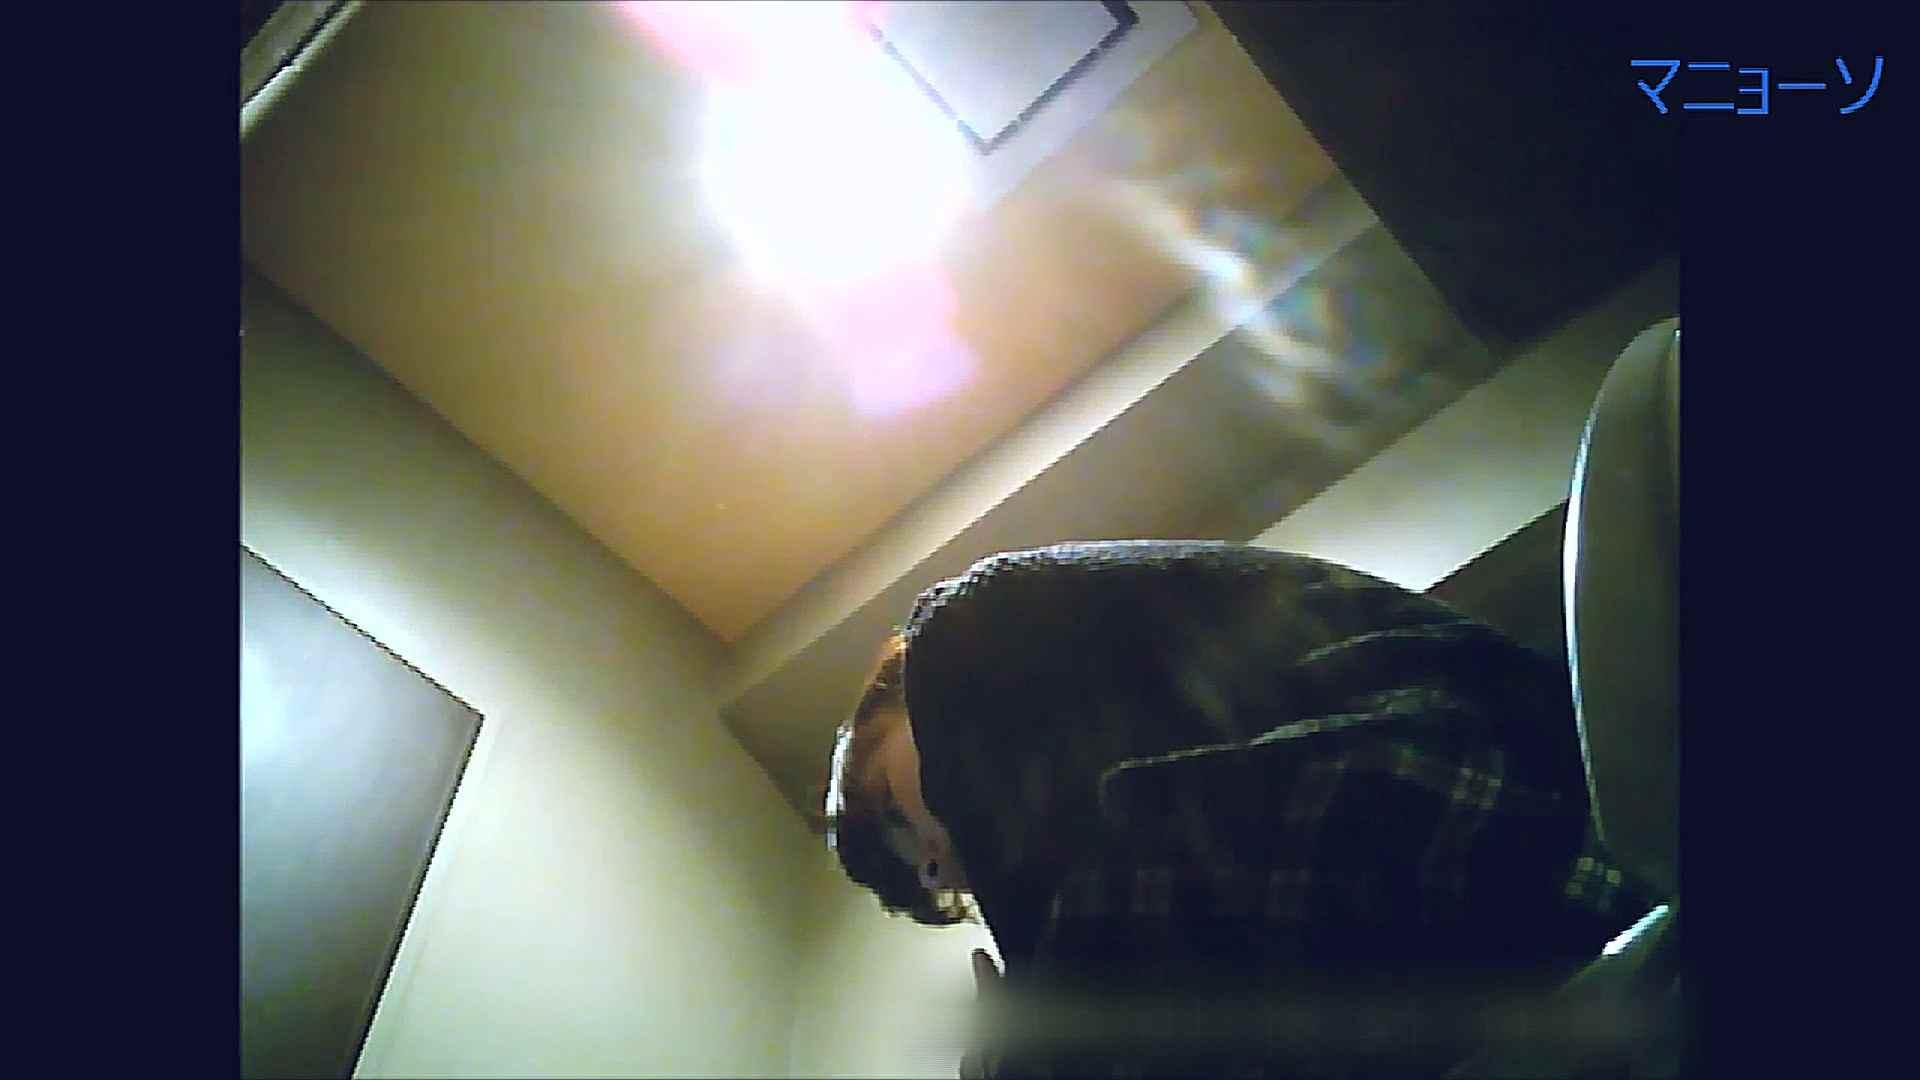 トイレでひと肌脱いでもらいました (OL編)Vol.13 トイレ | OLの実態  95pic 15